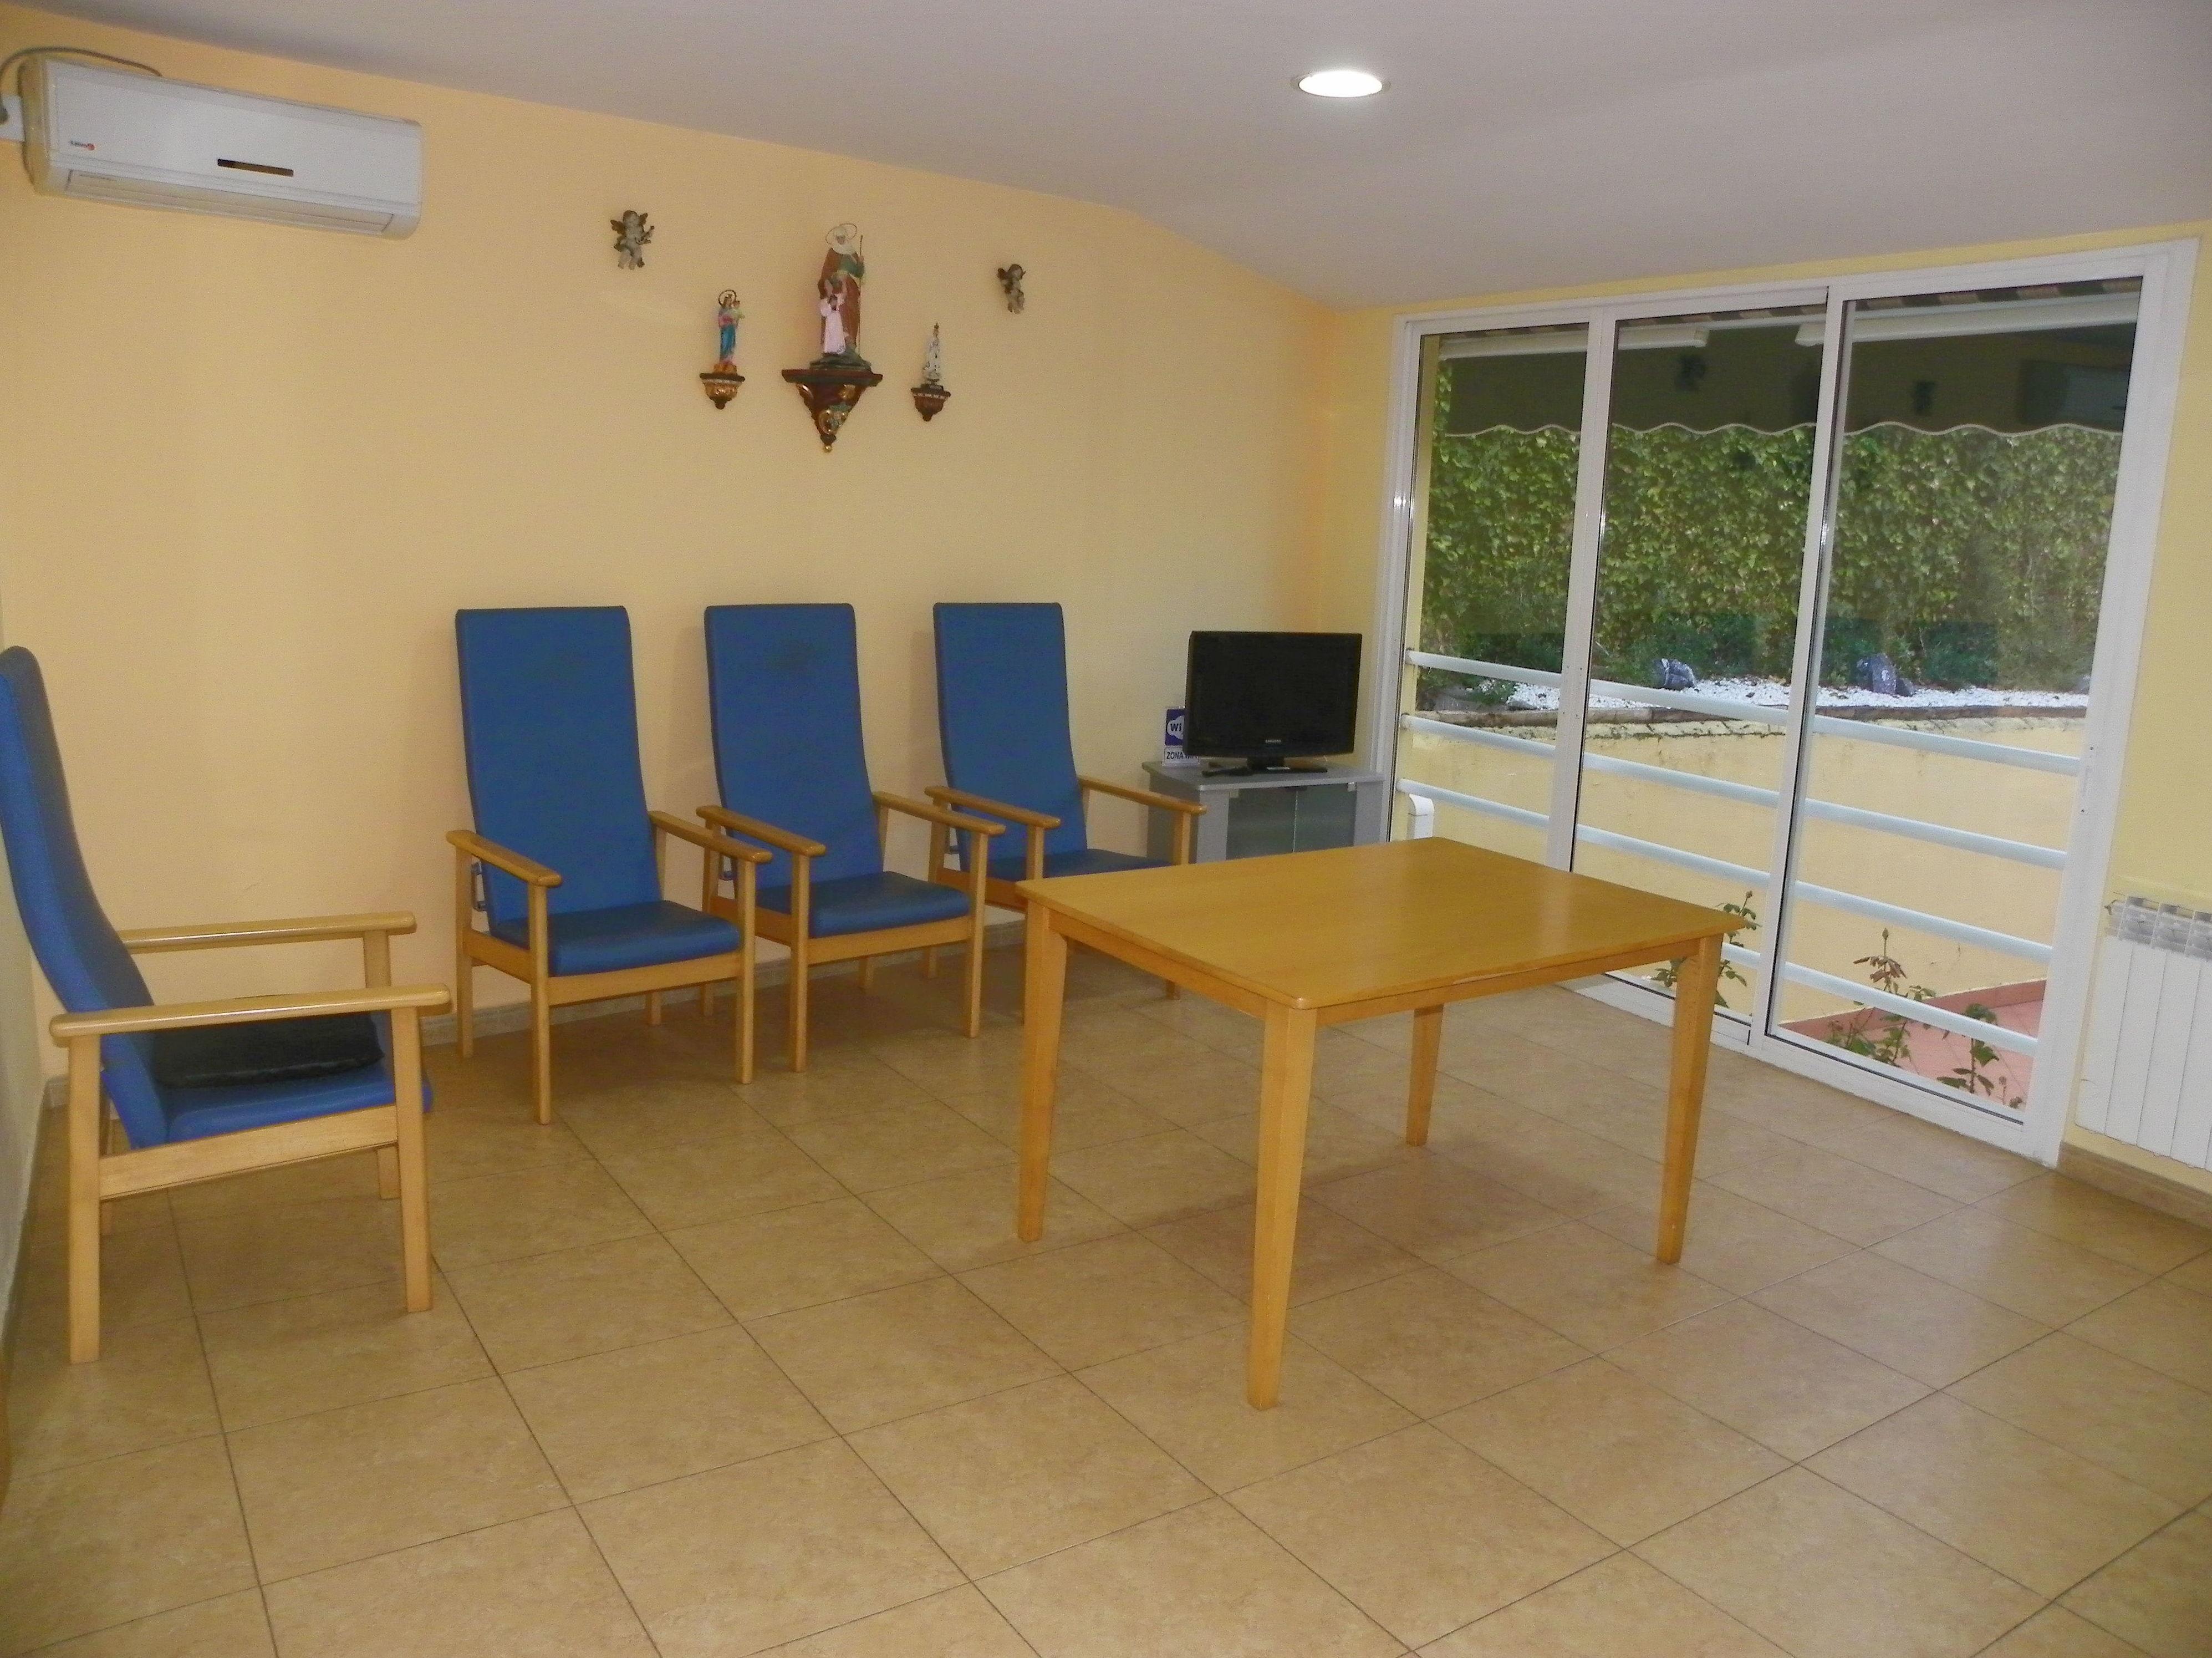 Foto 2 de Residencias geriátricas en Zaratán | Residencia para Personas Mayores Santa Ana